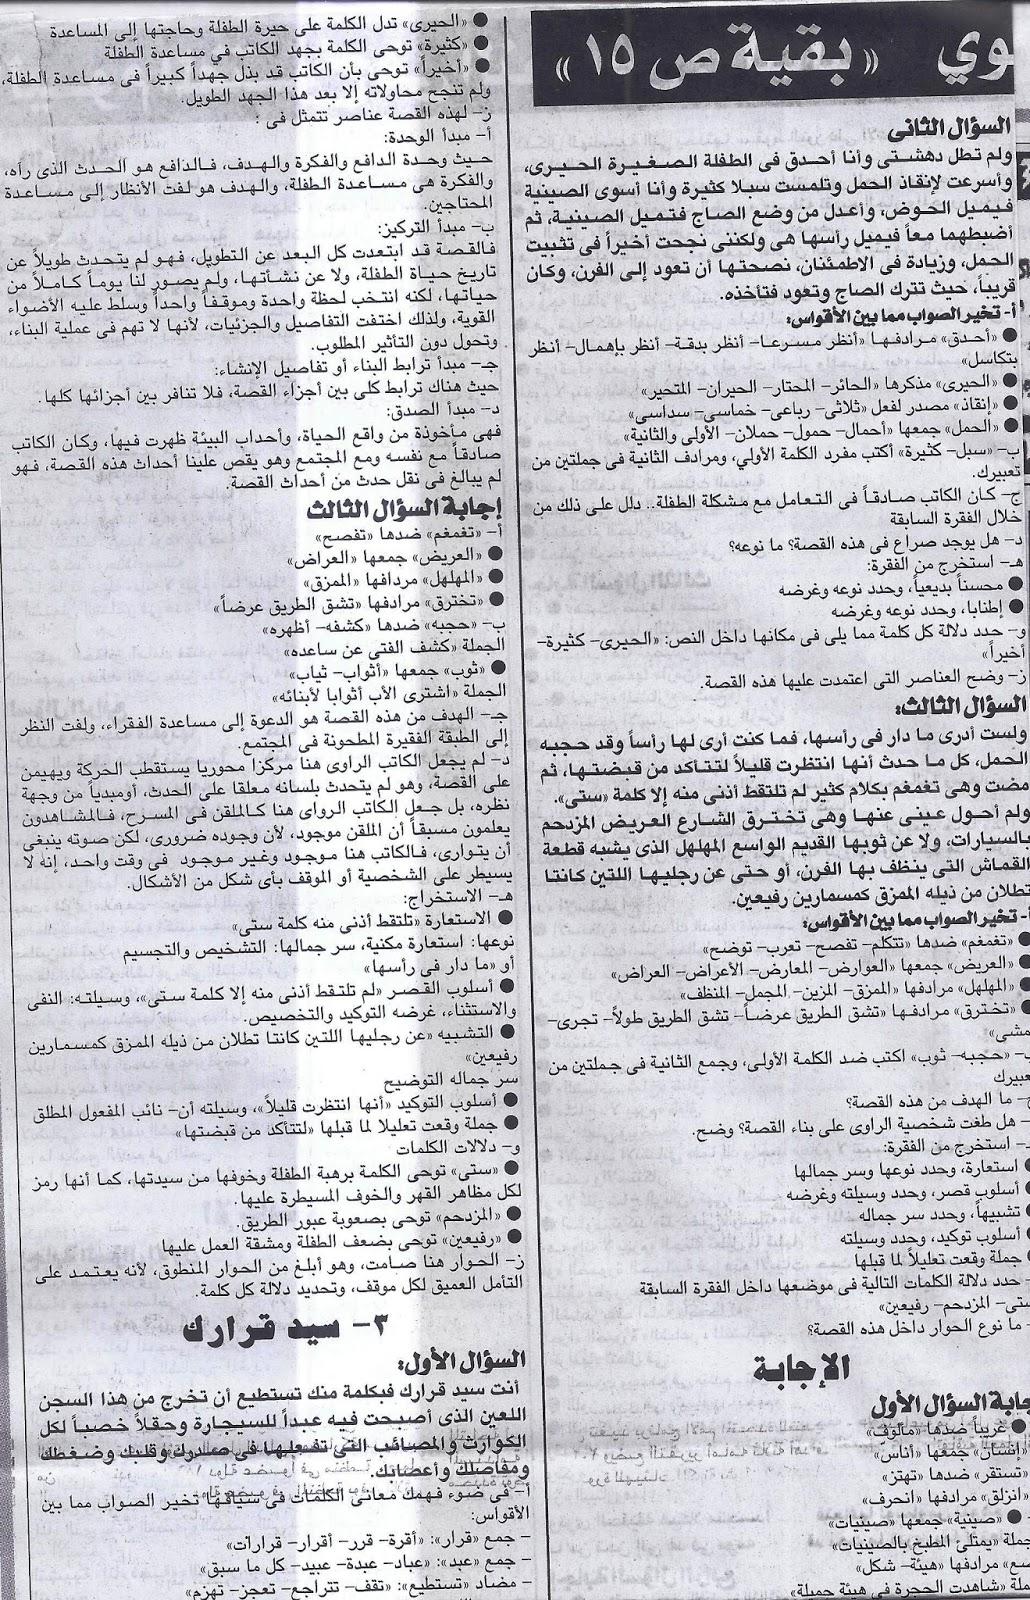 ملحق الجمهورية: مراجعة ليلة الامتحان في النصوص للصف الثالث الثانوى 15